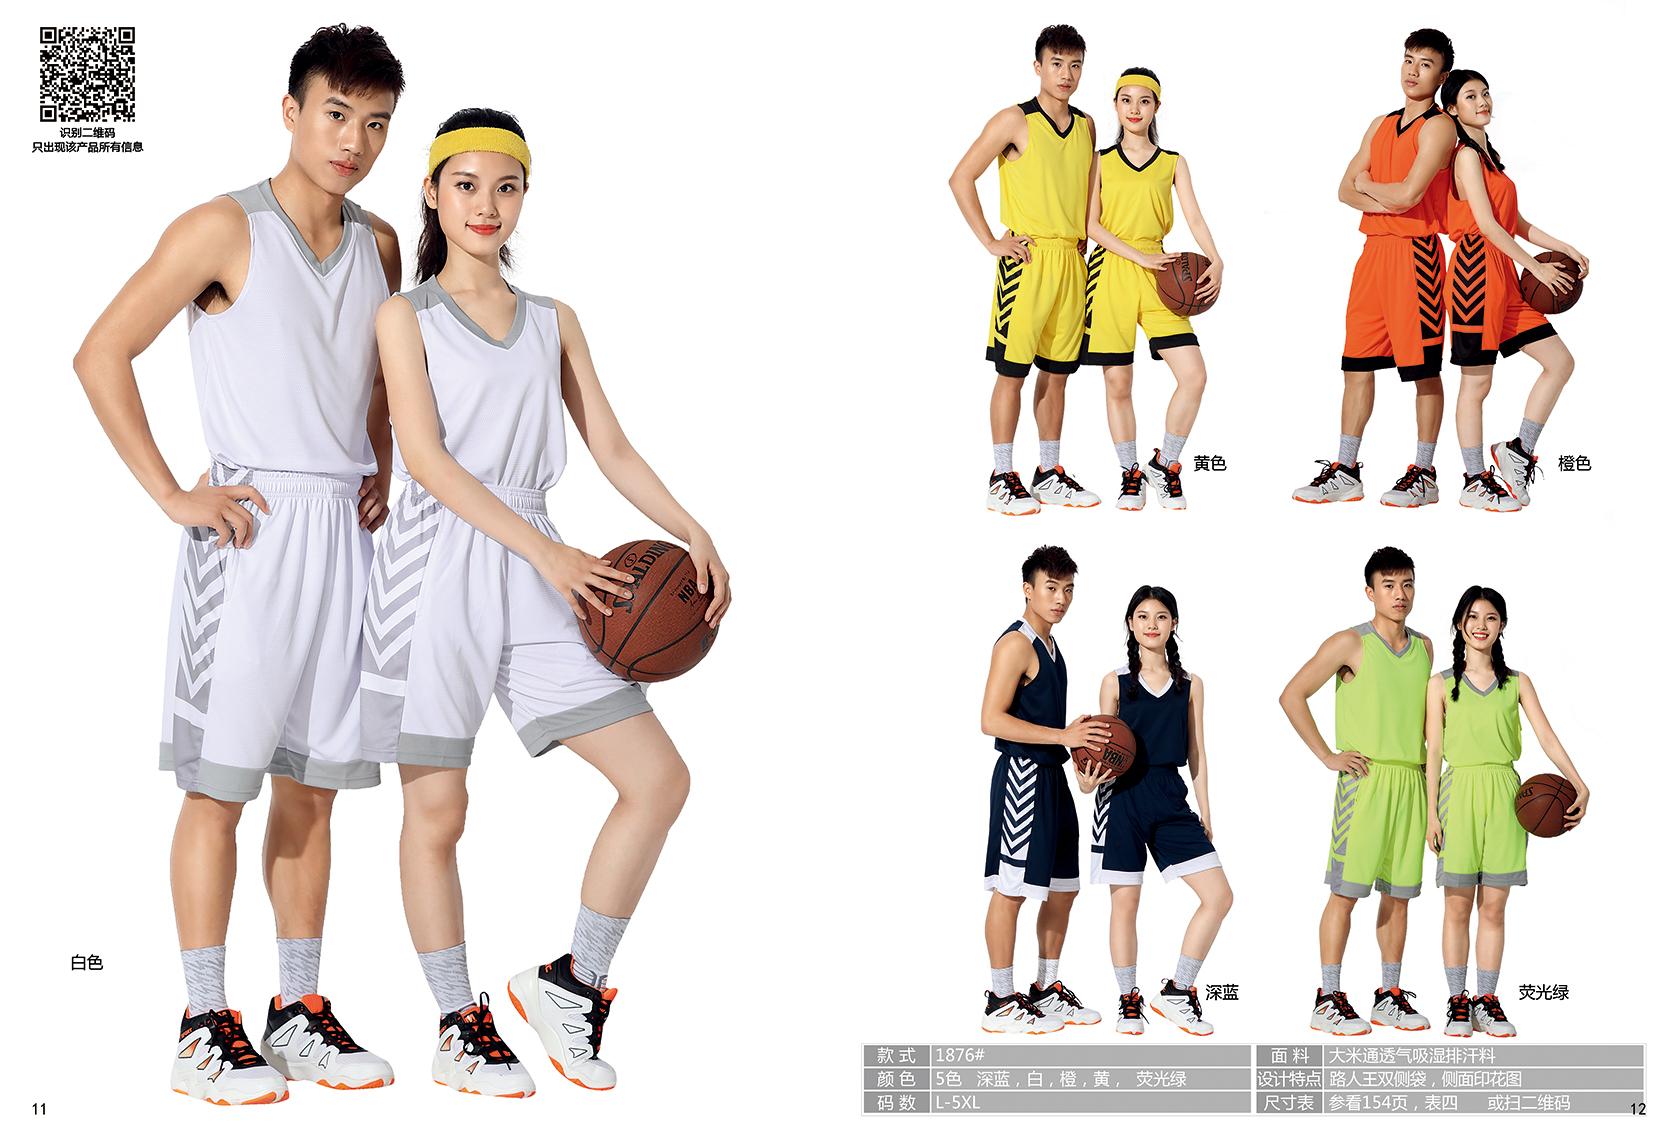 定做籃球服 湖北比賽足籃球乒羽排球服定制廠家定做 羽毛球服